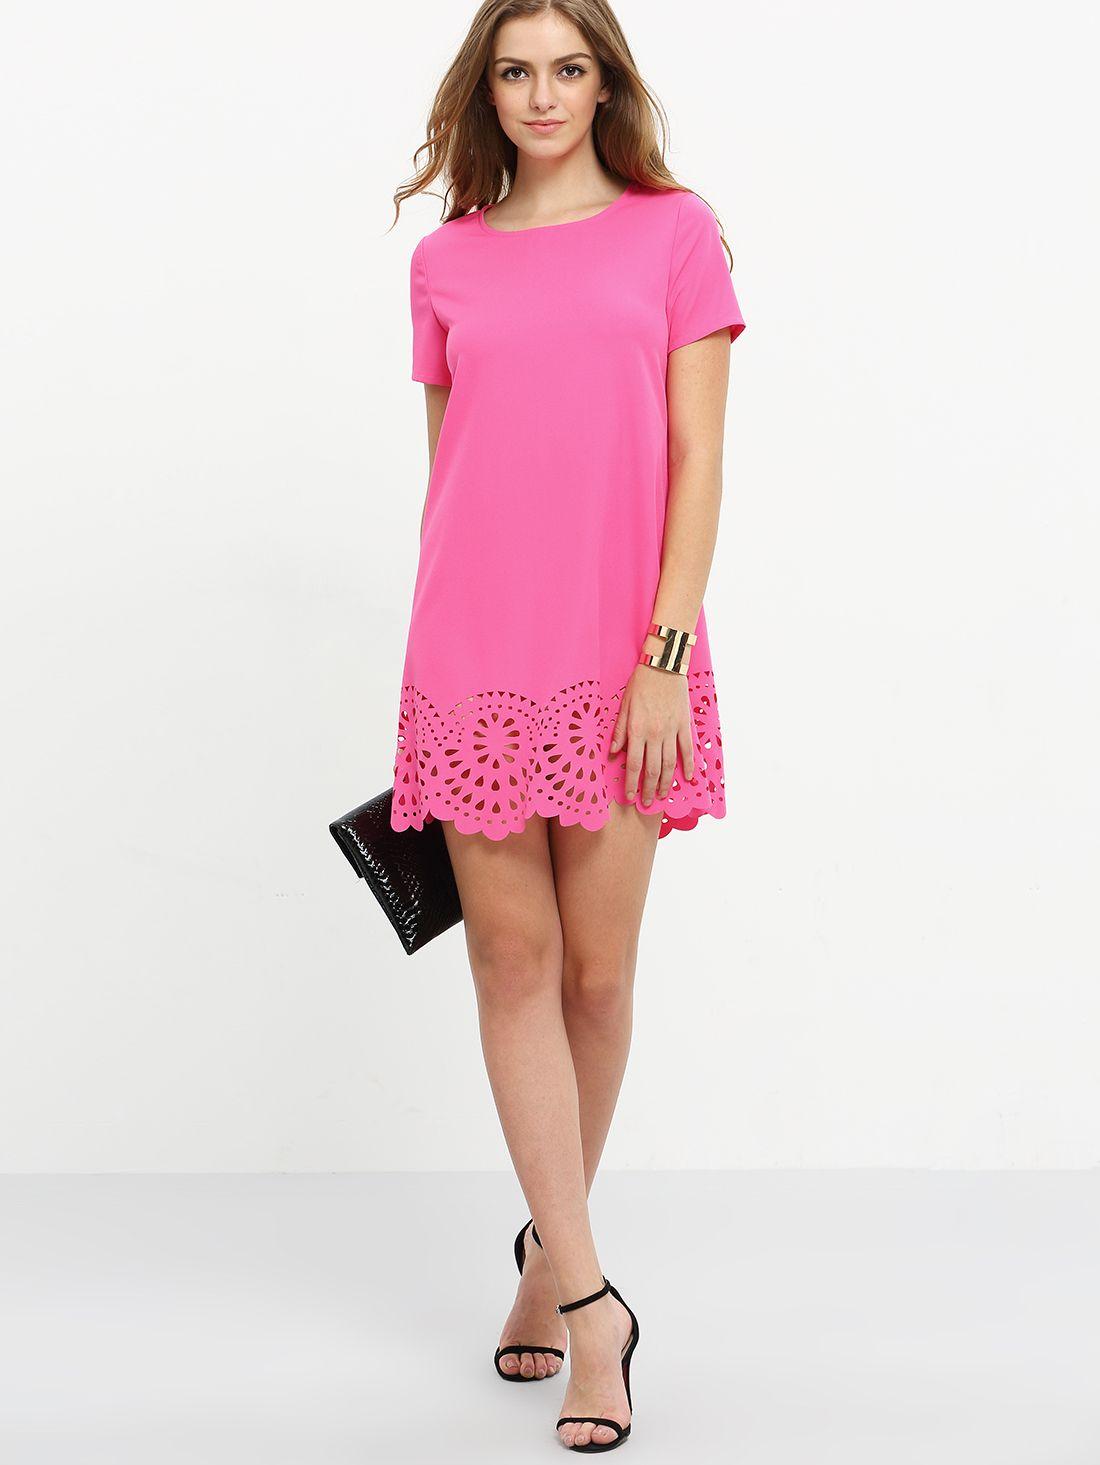 Vestido suelto hueco con manga corta -rosa caliente | LOOK ...